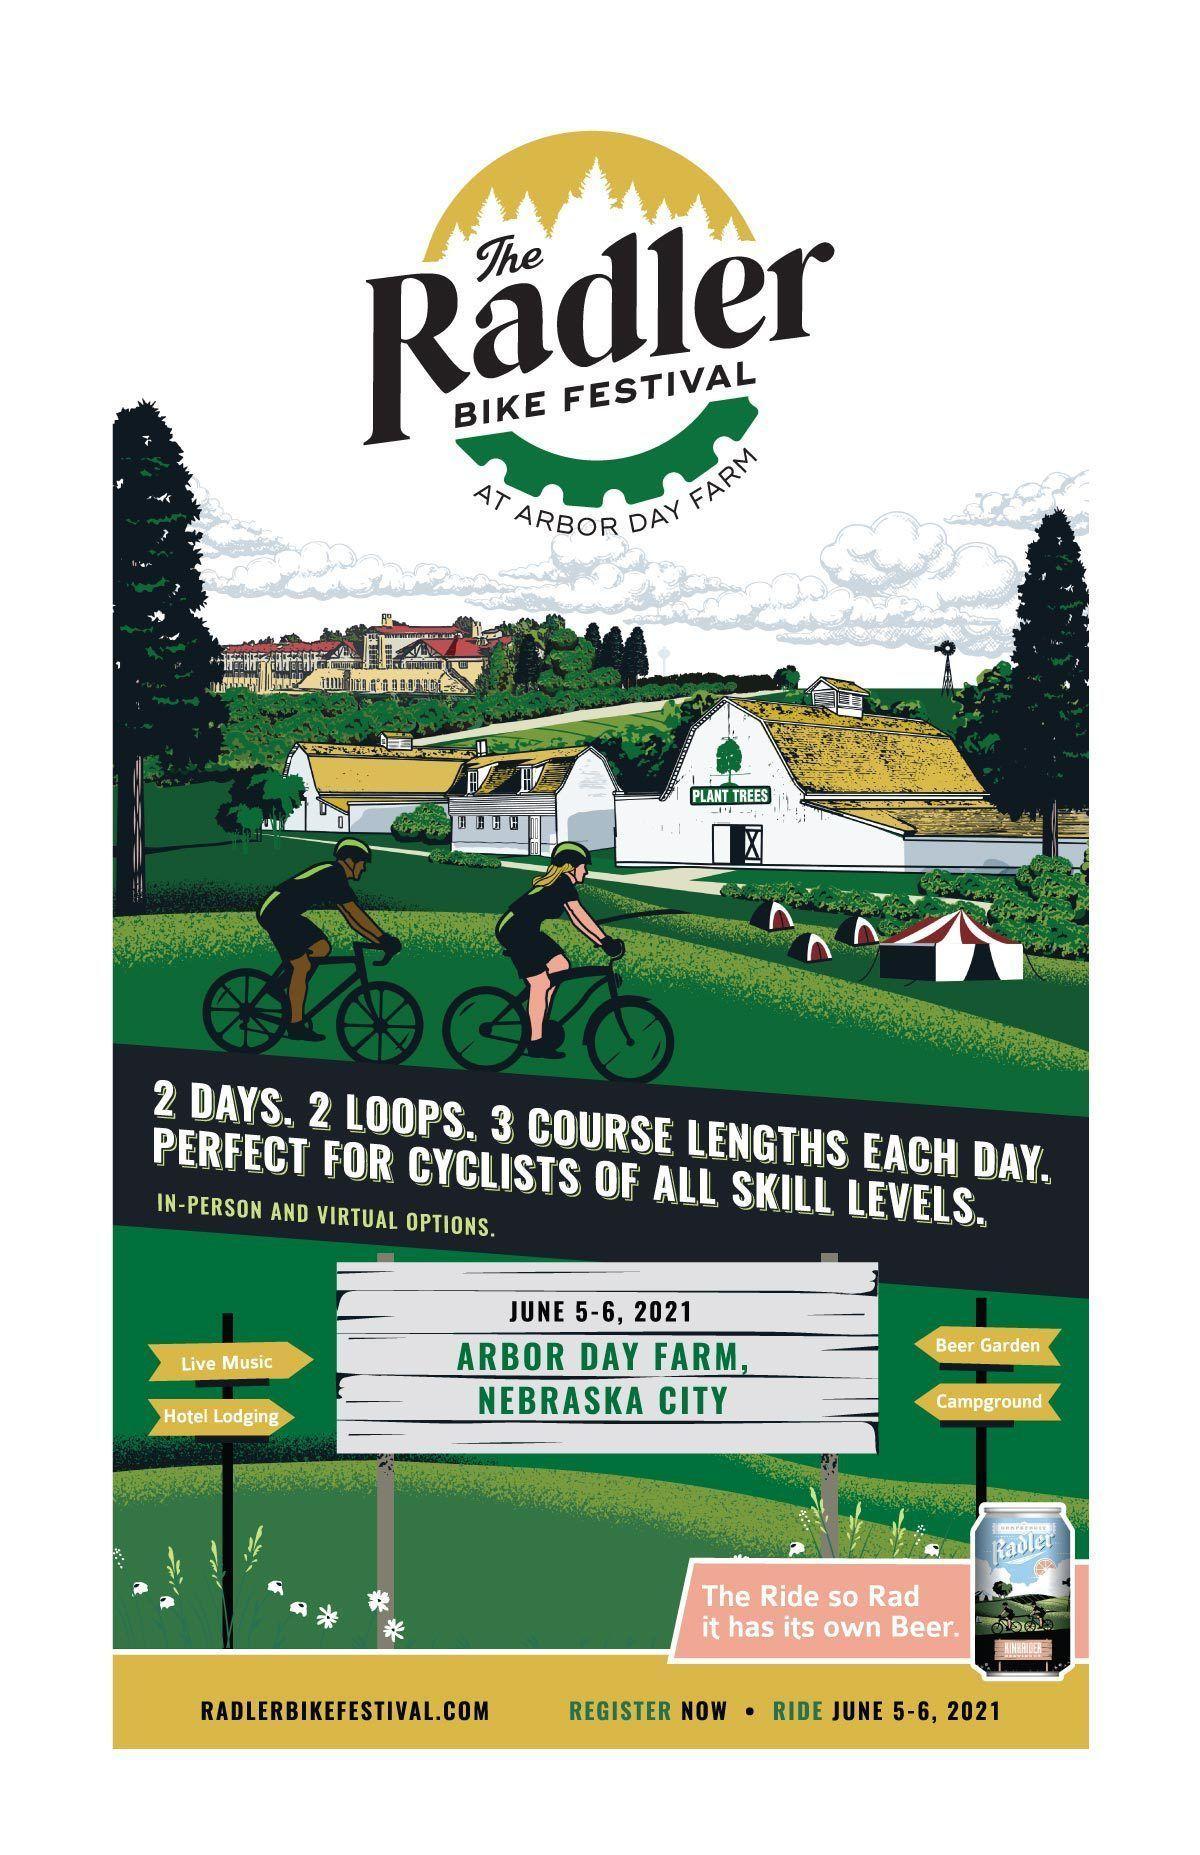 The Radler Festival at Arbor Day Farm